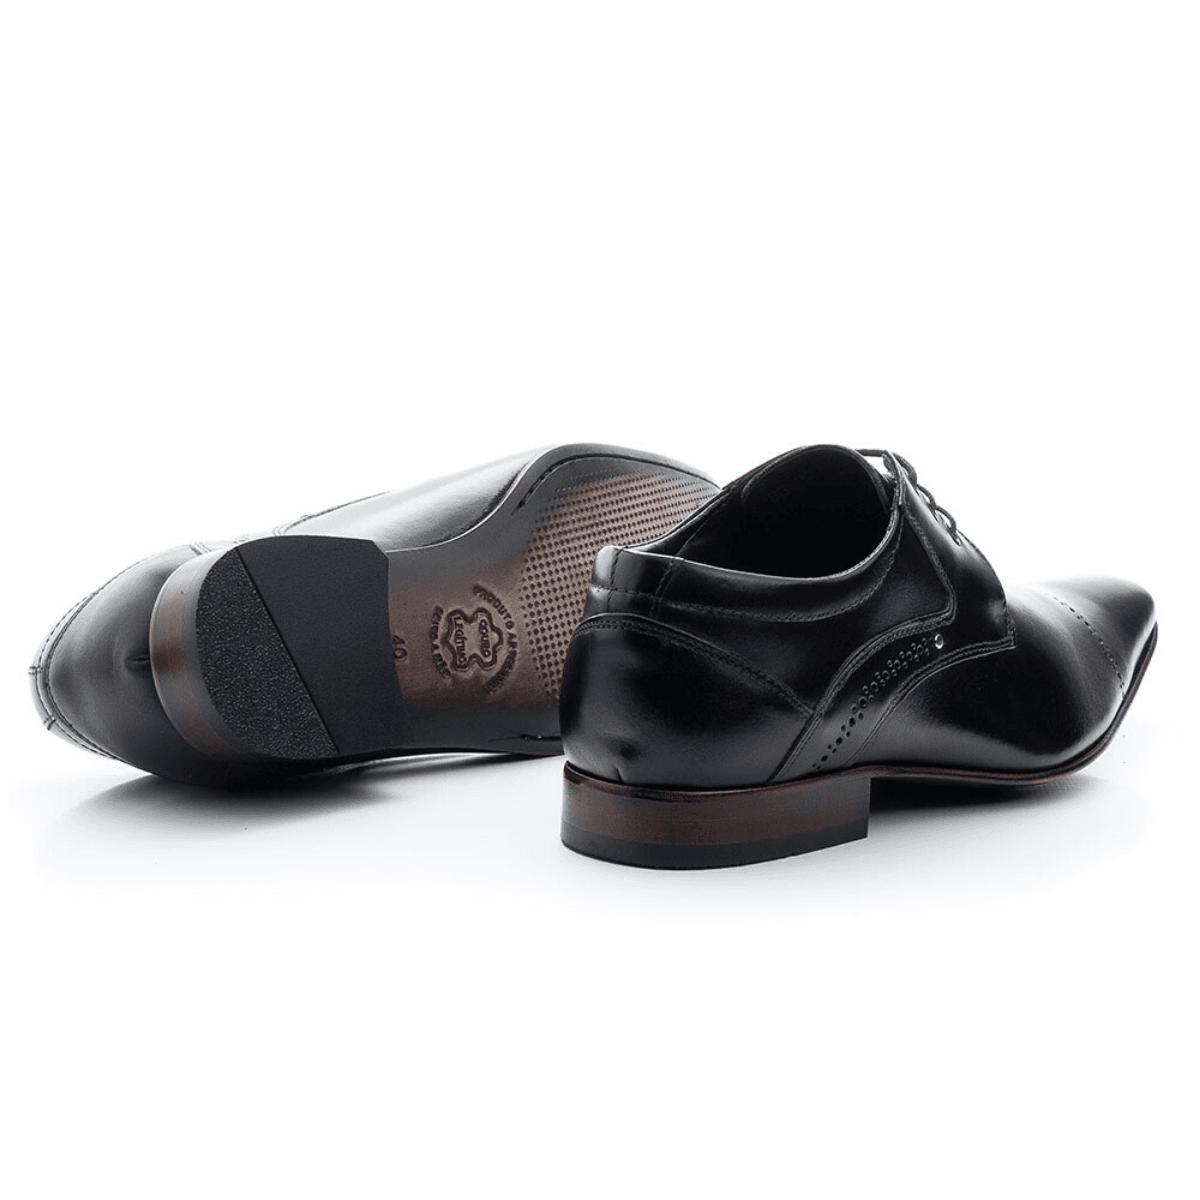 Sapato Social Bigioni 377 Clássico Couro Preto